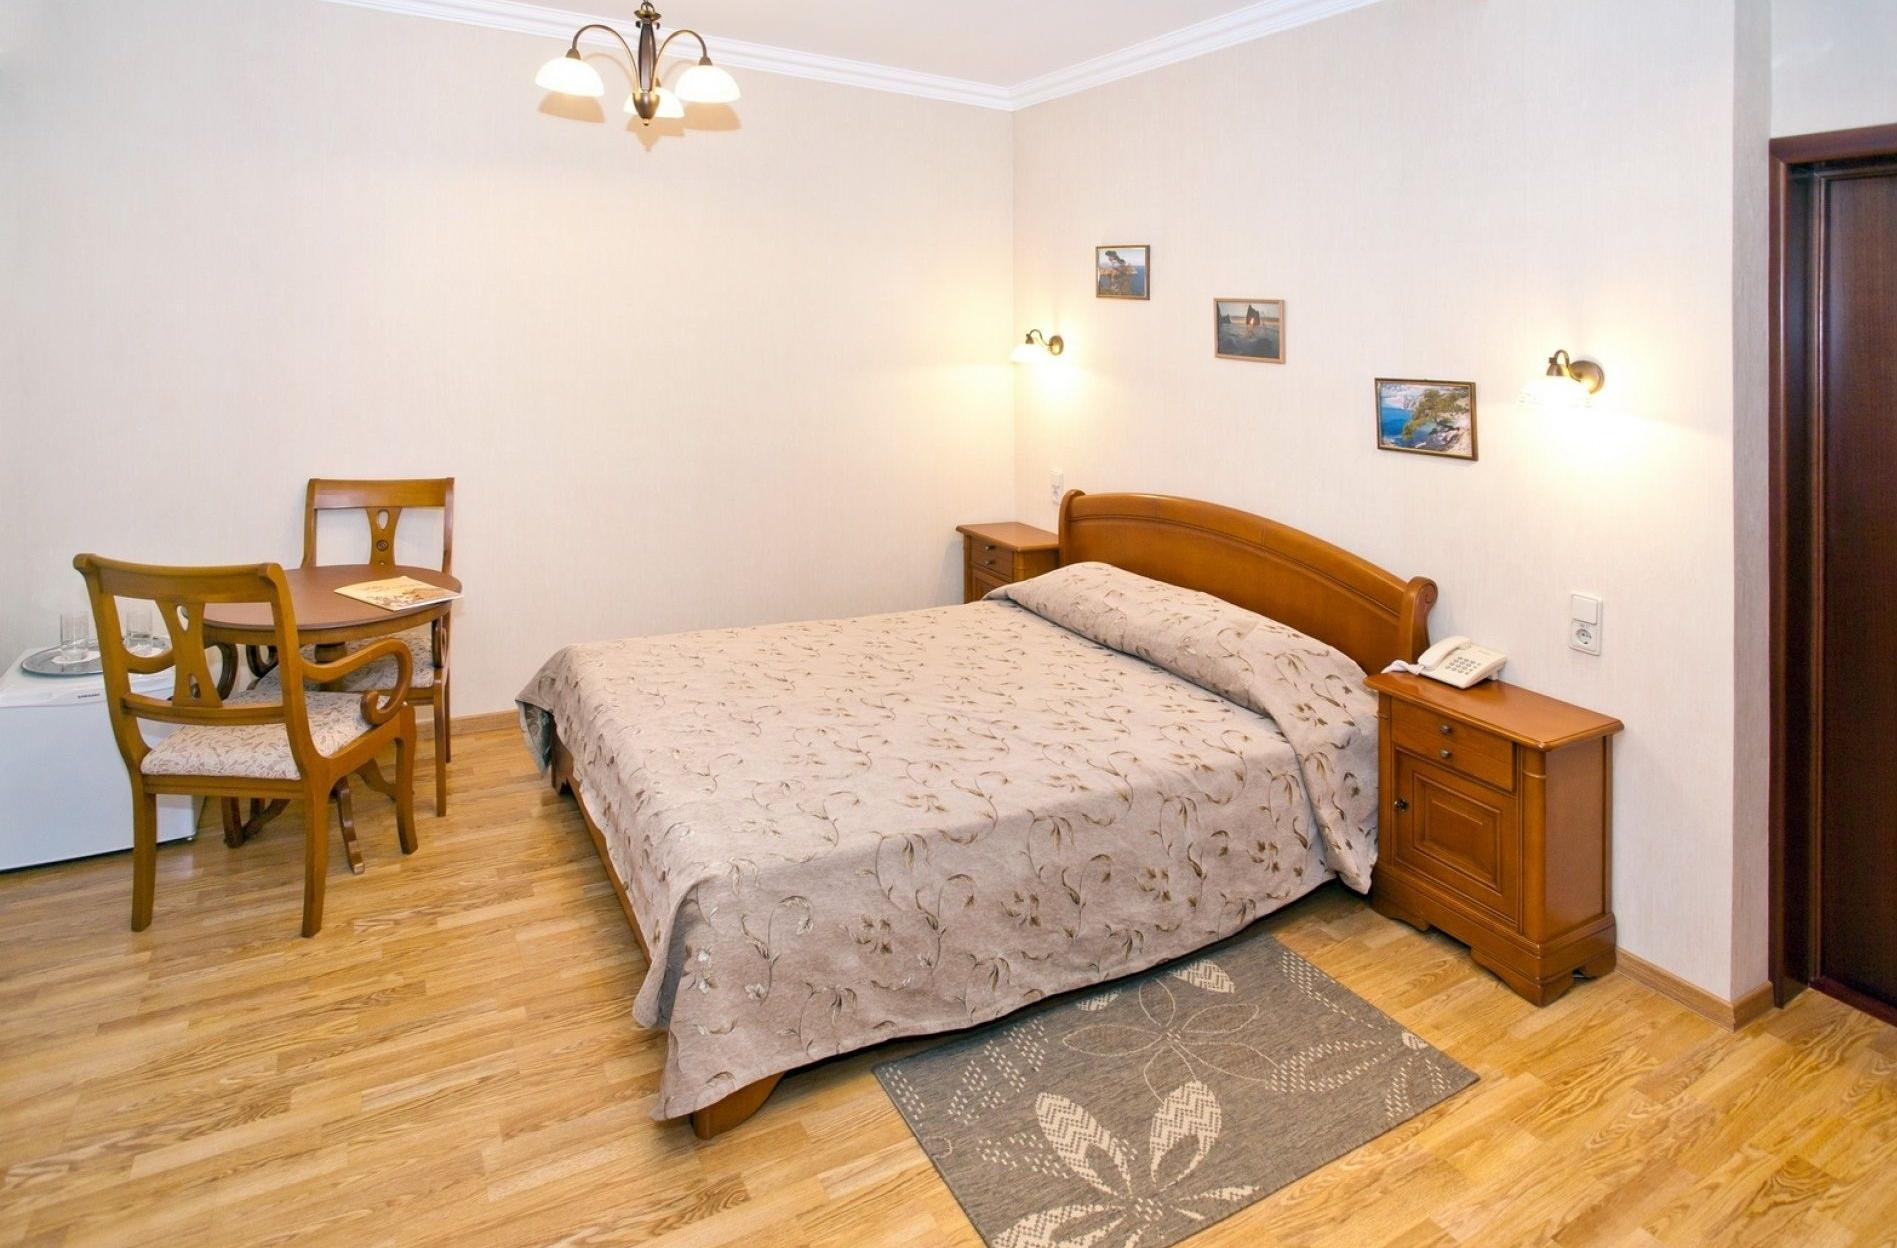 Гостиница «Вилла Аль-Марин» Республика Крым Номер «Стандарт» А, Б, фото 1